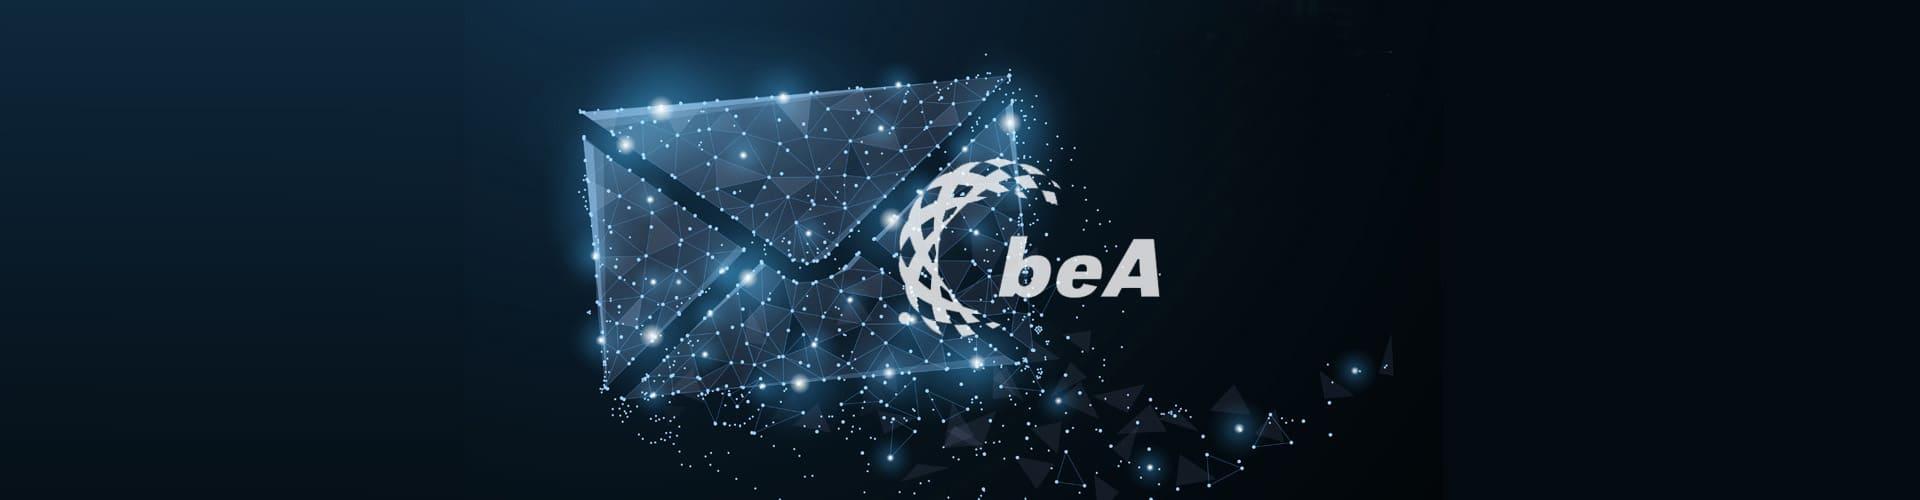 Online-Seminar: Sie sind auf das beA-Postfach vorbereitet?